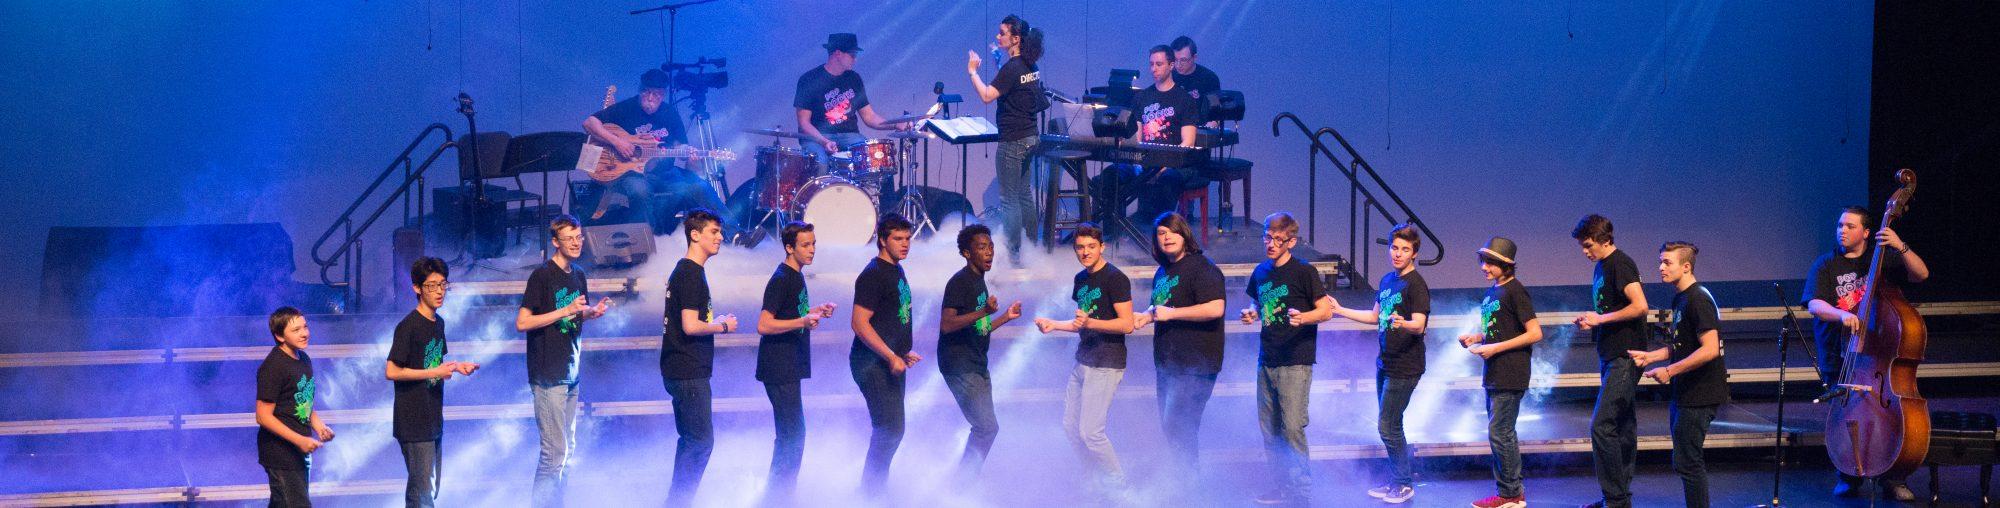 WLC Choirs